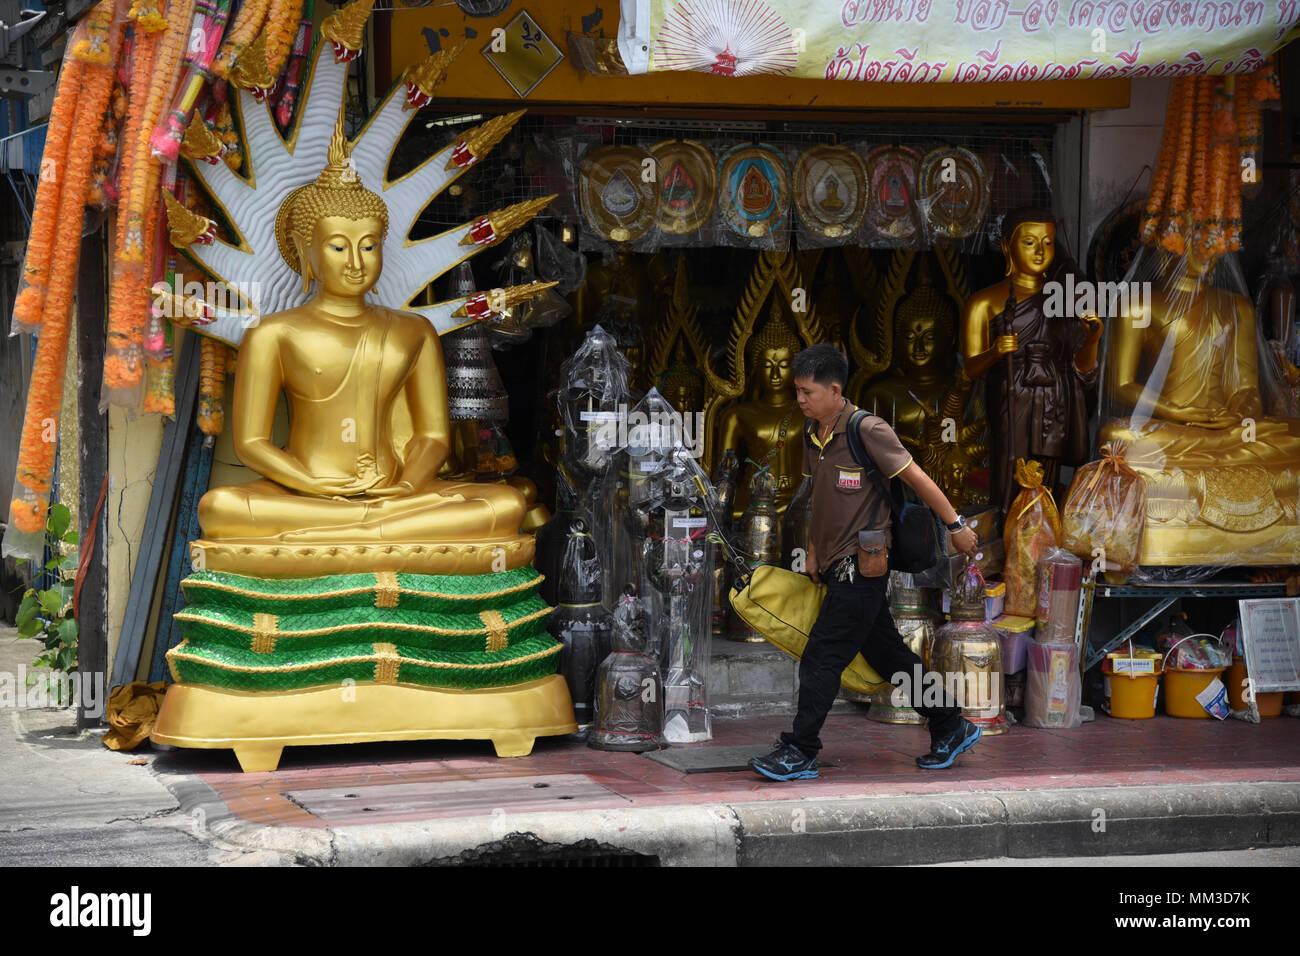 Monks Shop Thailand Stock Photos & Monks Shop Thailand Stock Images